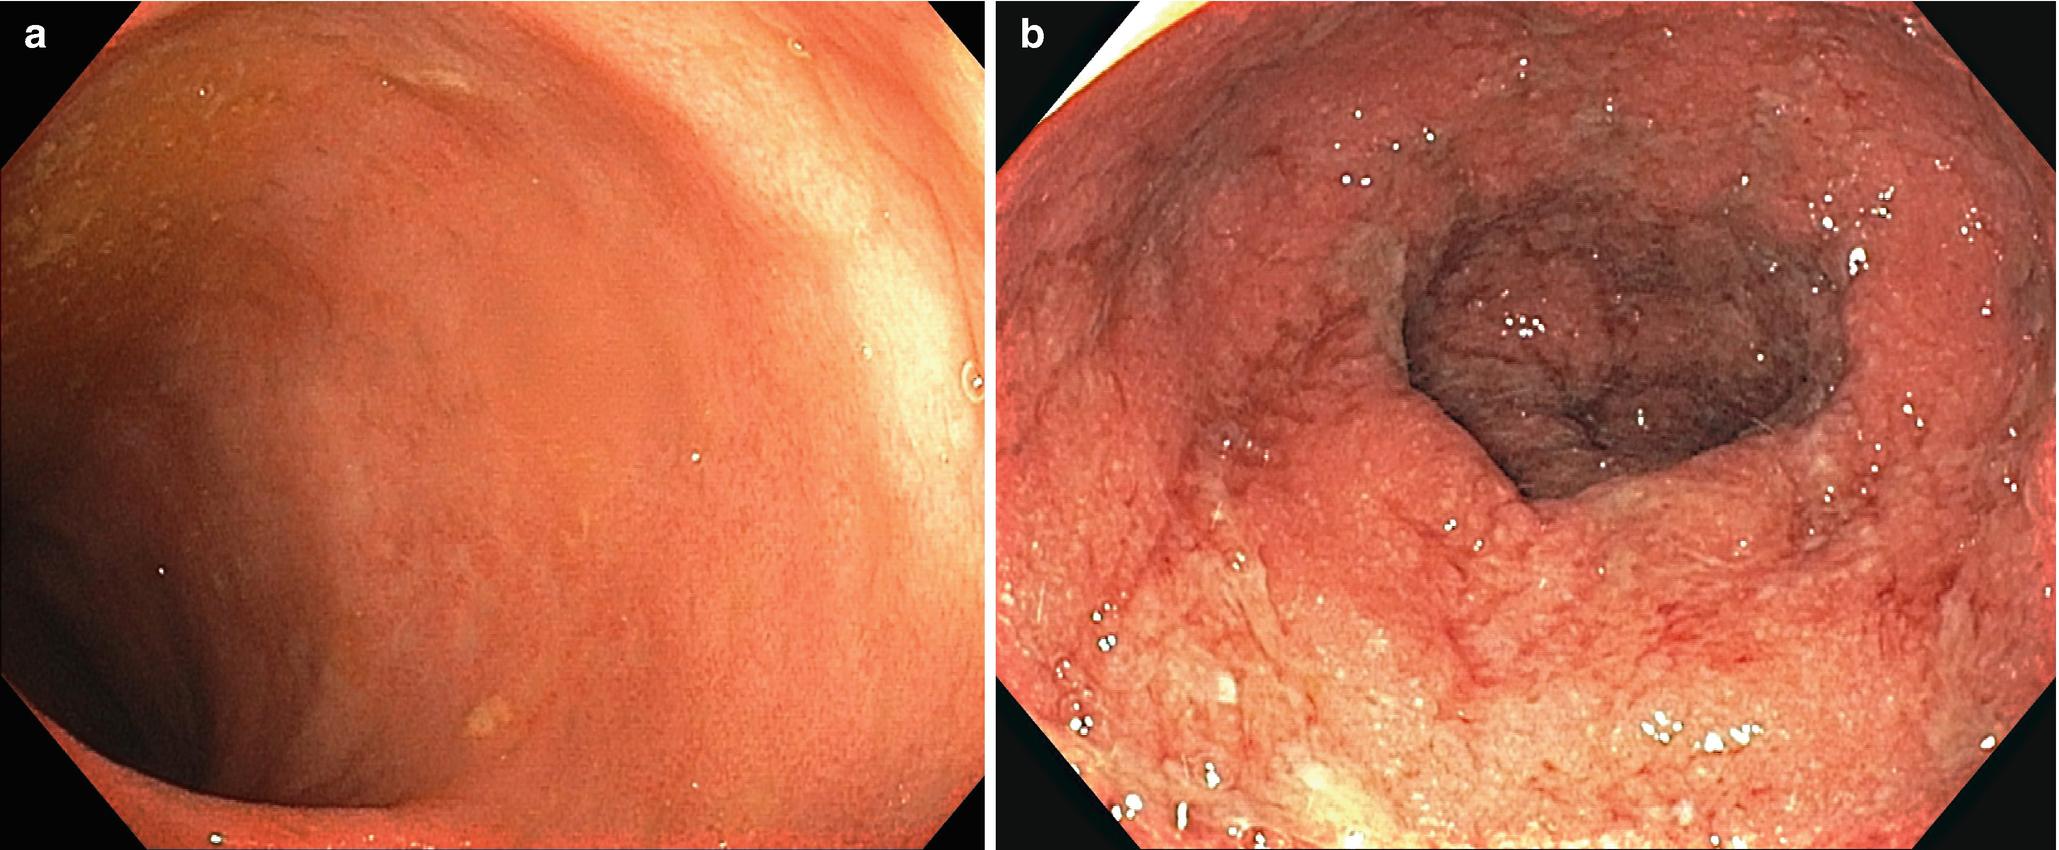 Inflammatory Bowel Disease Springerlink